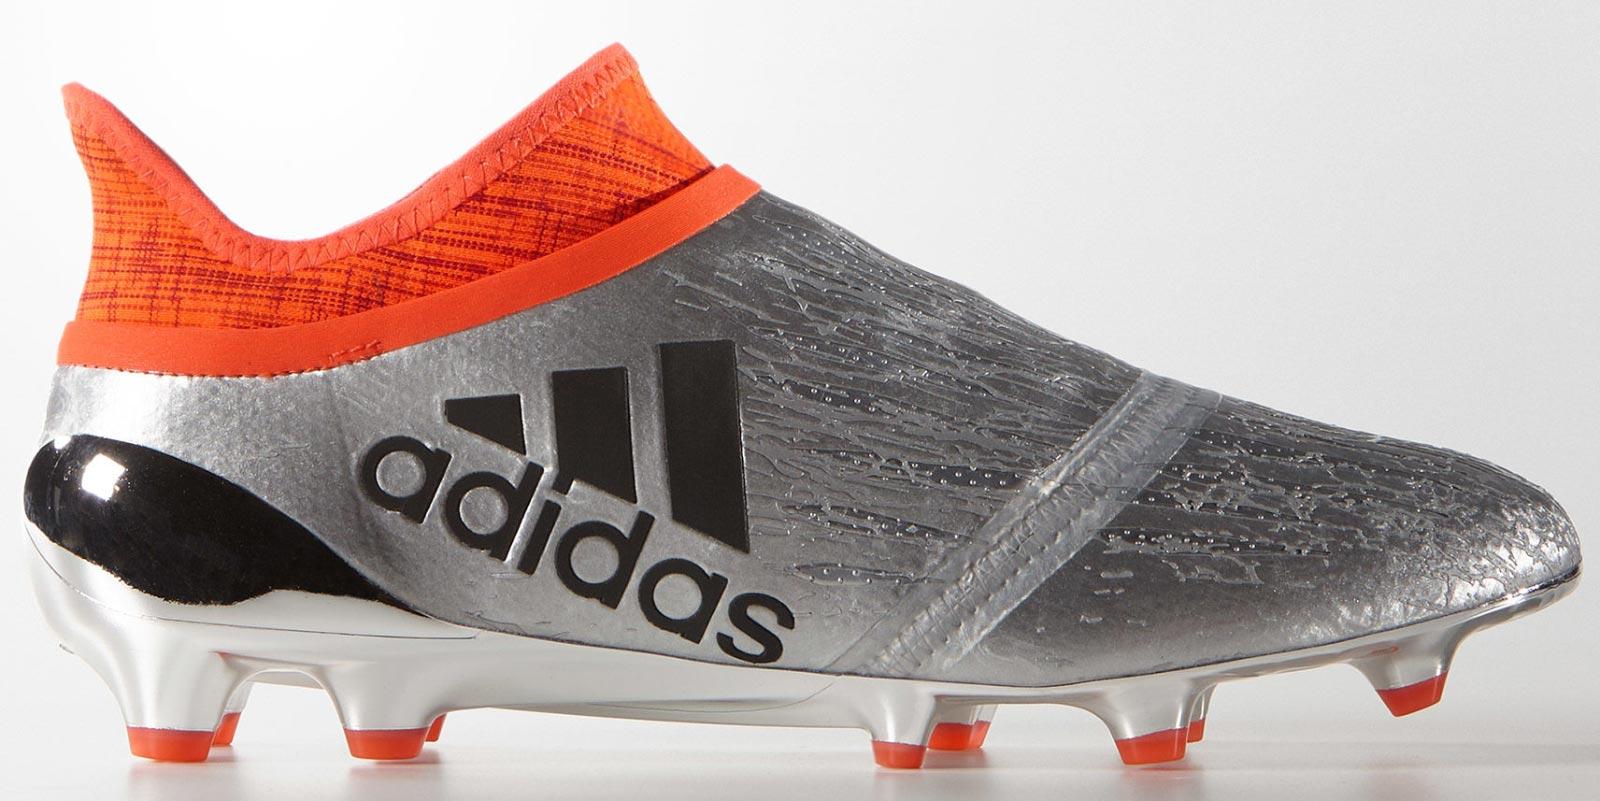 Adidas X 16+ vs Adidas X 16.1 vs Adidas X 16.2 vs Adidas X 16.3 vs Adidas X  16.4